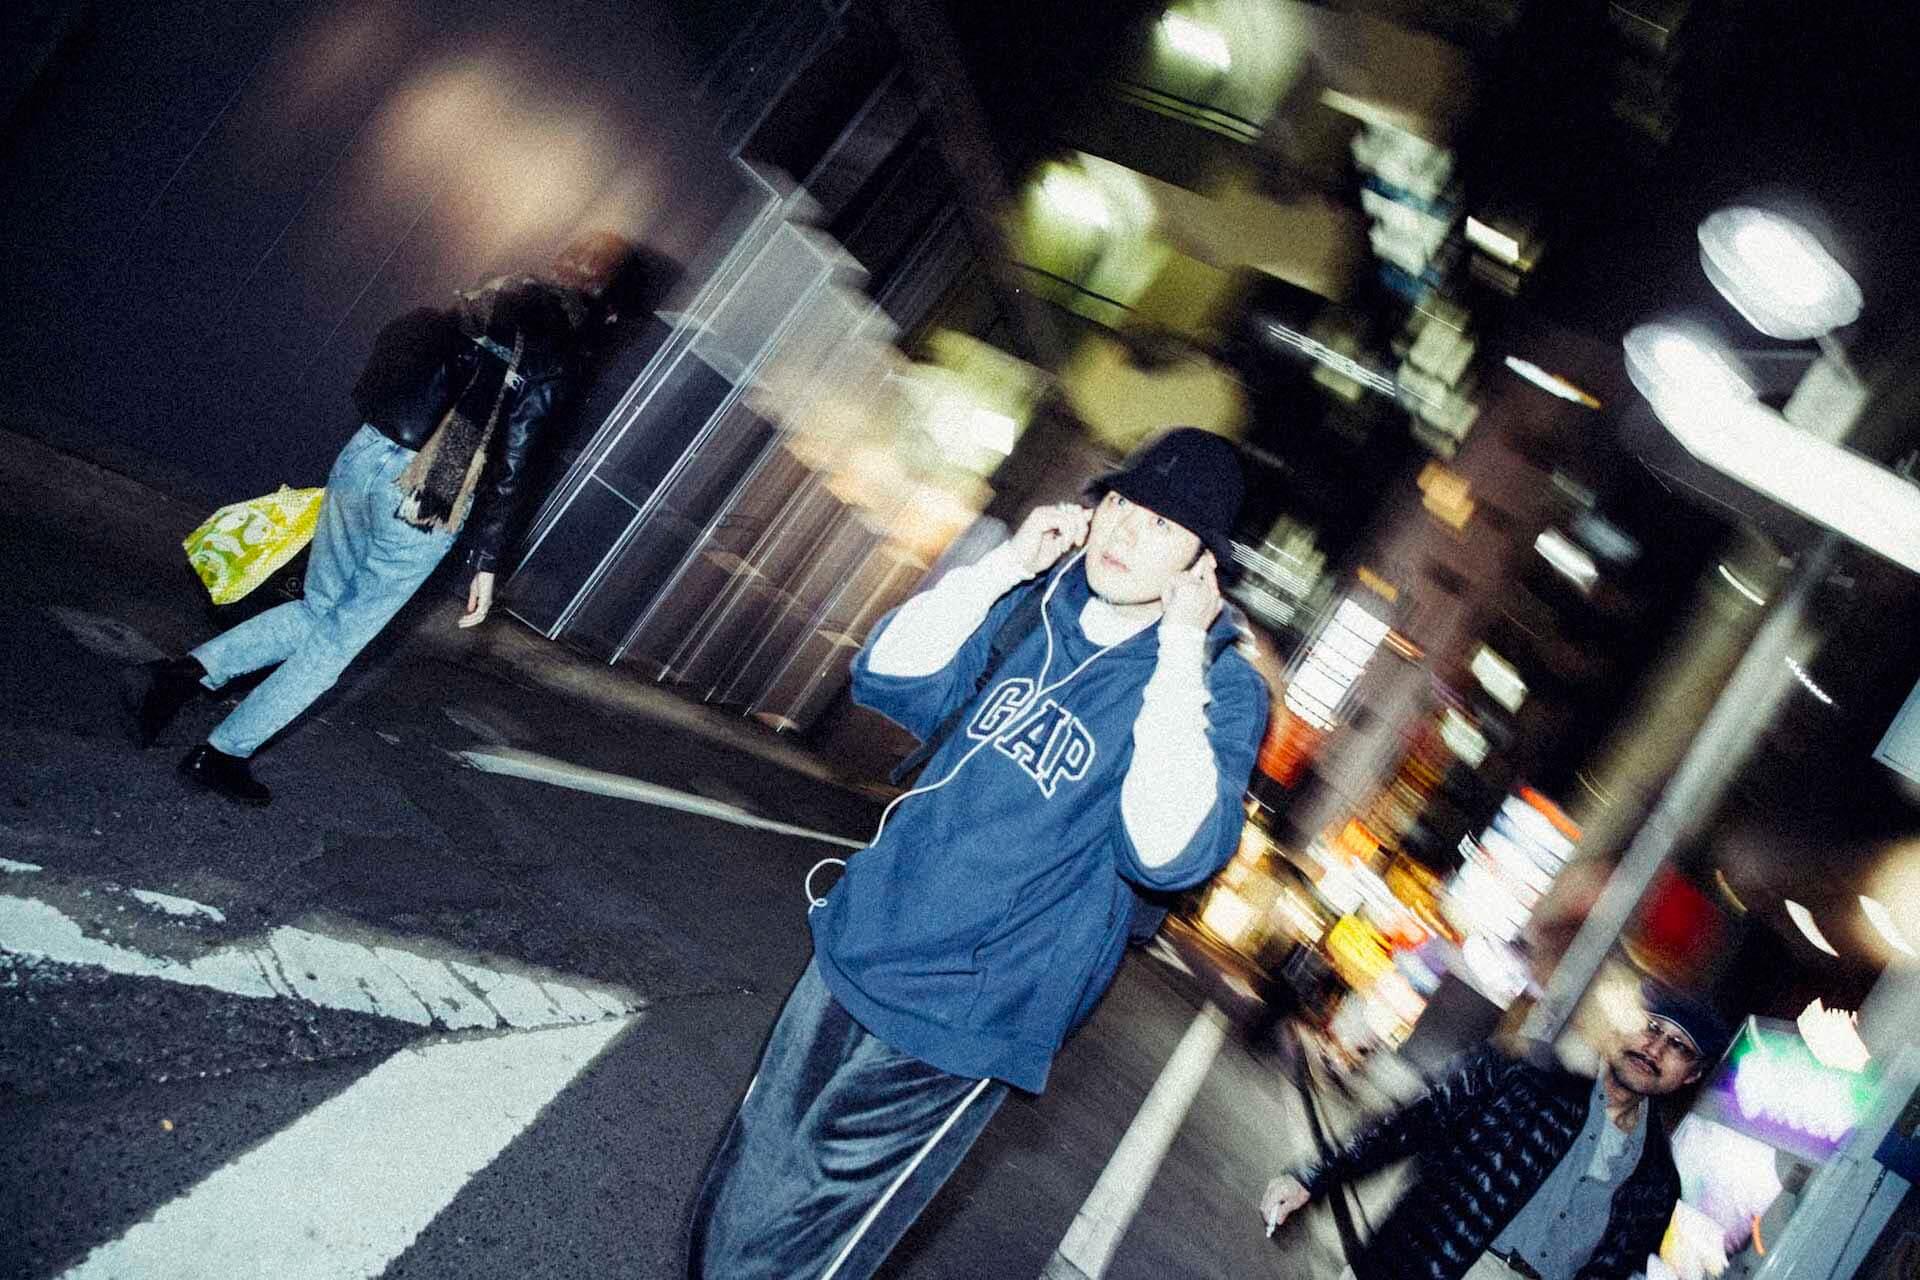 高岩遼のモノローグ|『10』リリースライブに向けて ryo-takaiwa101210-22